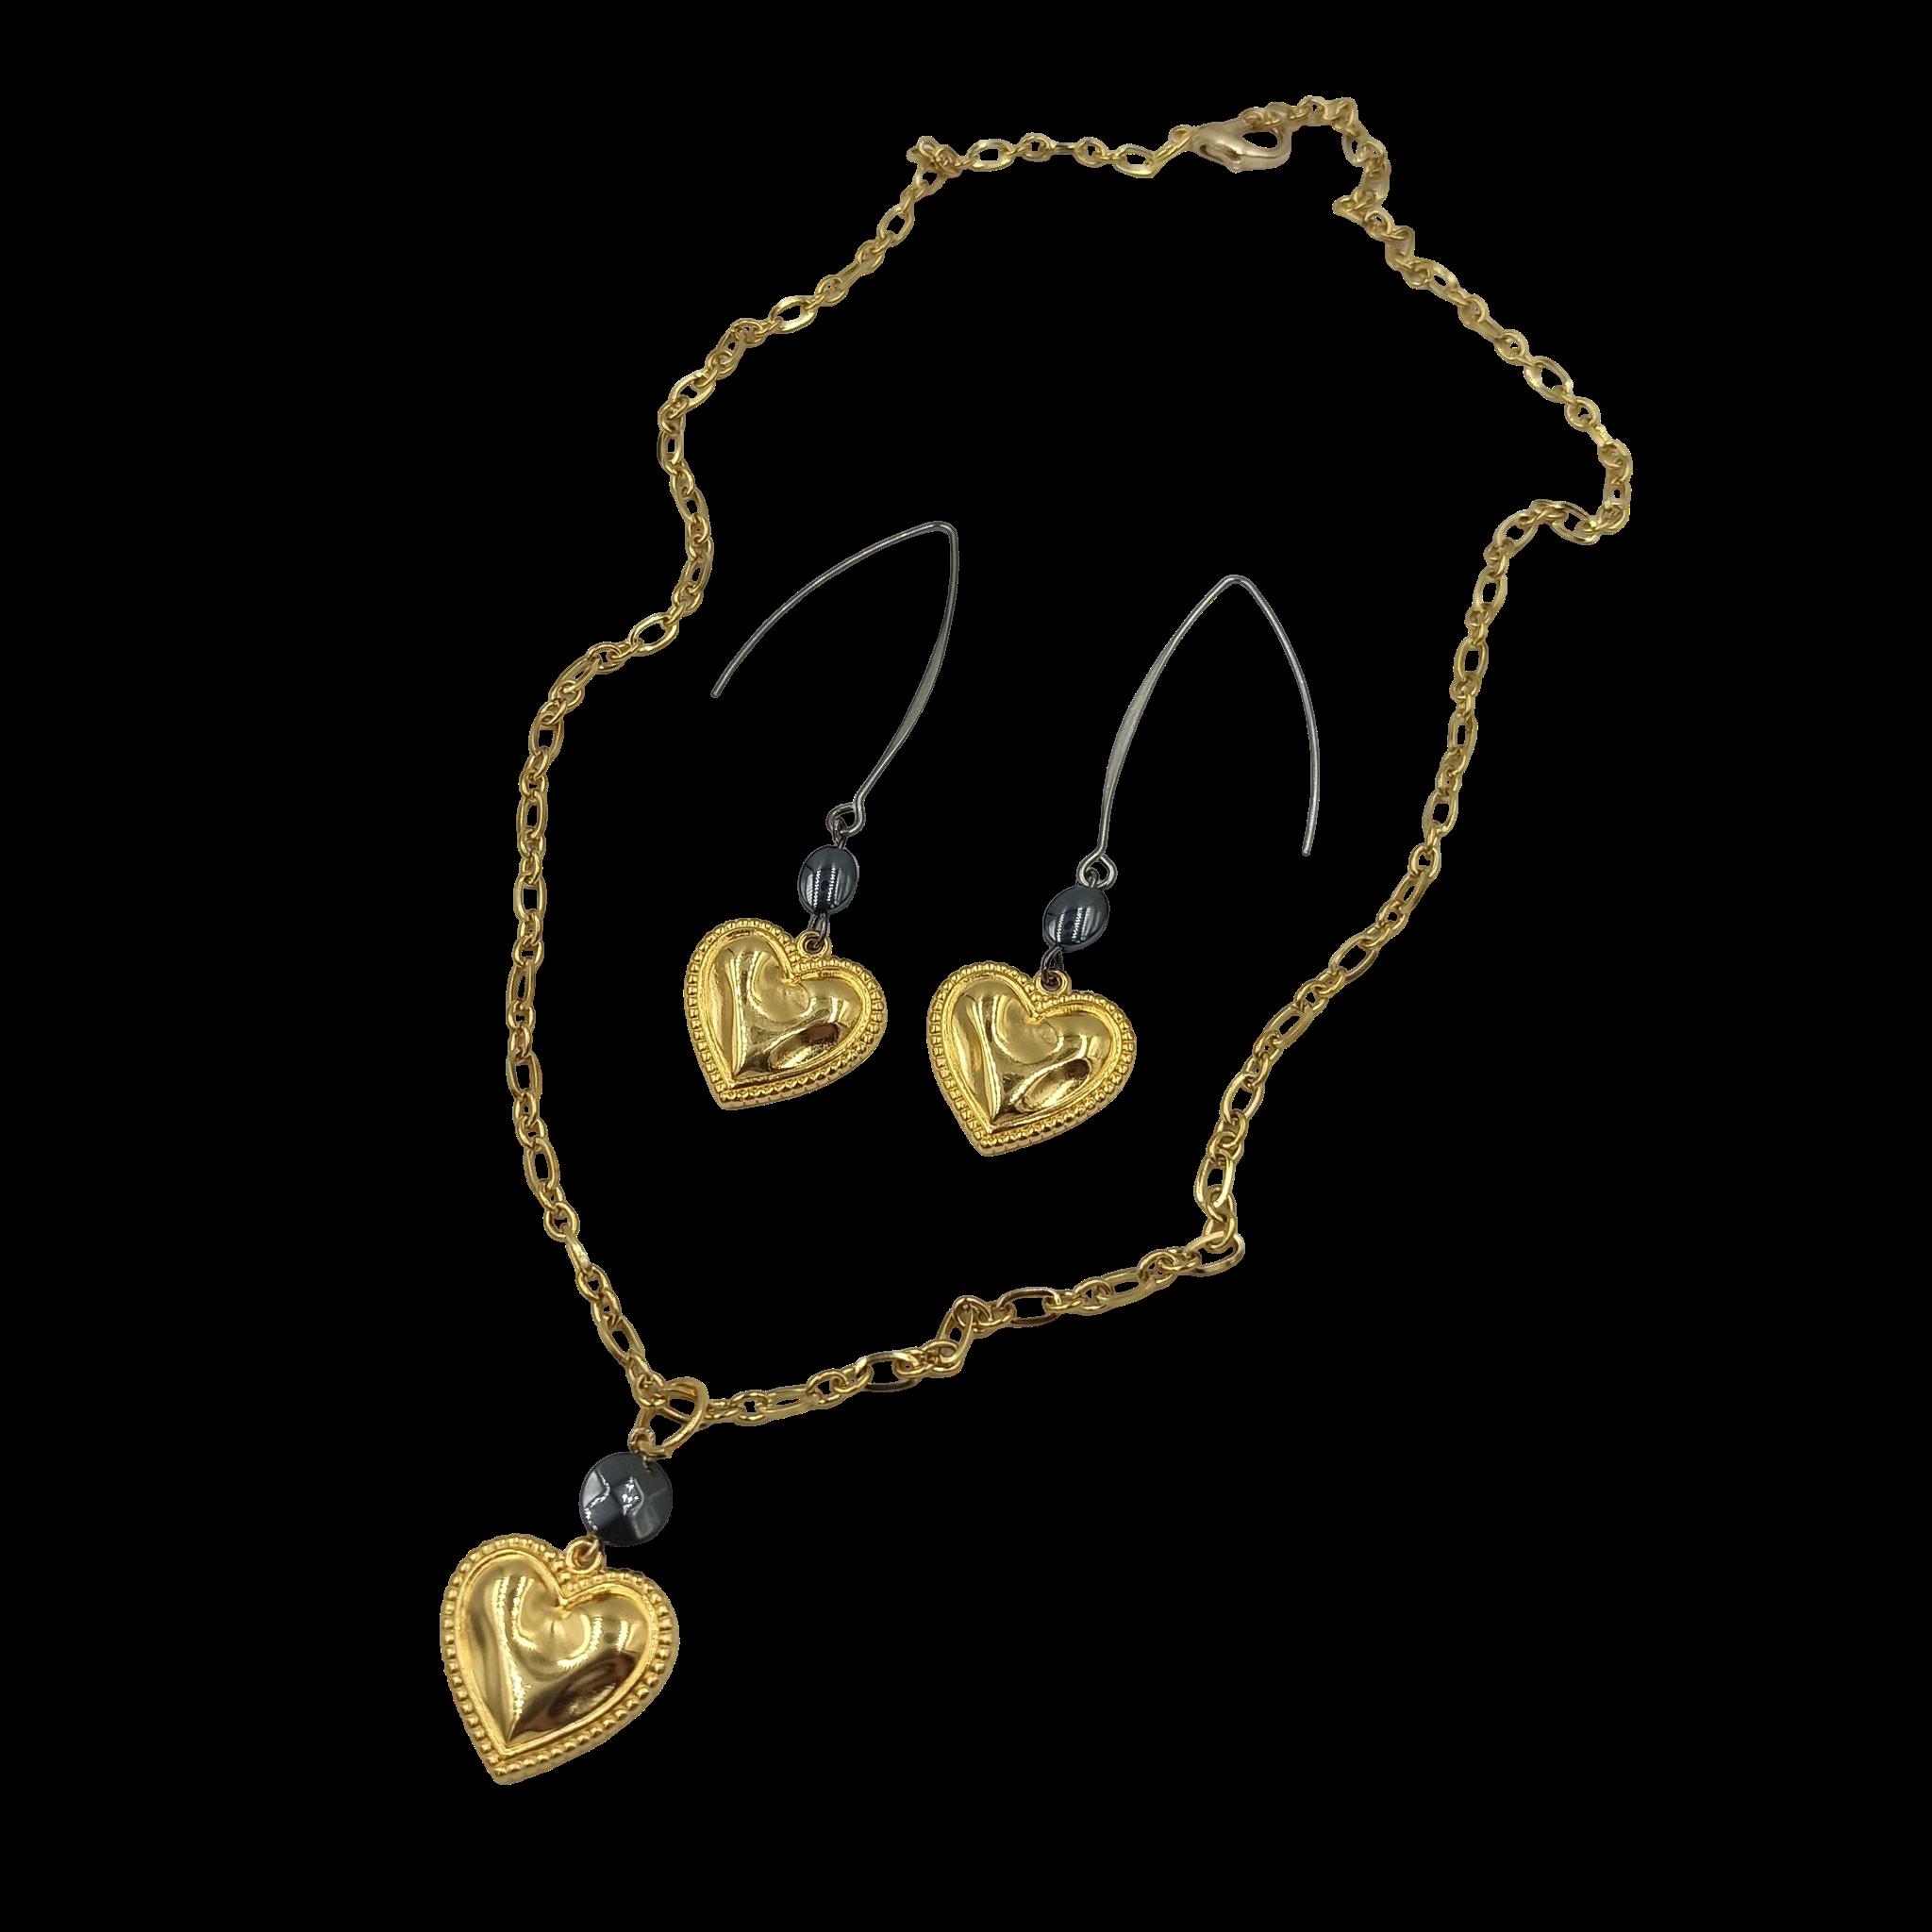 Σκουλαρίκια Μακριά Χρυσή Καρδιά1